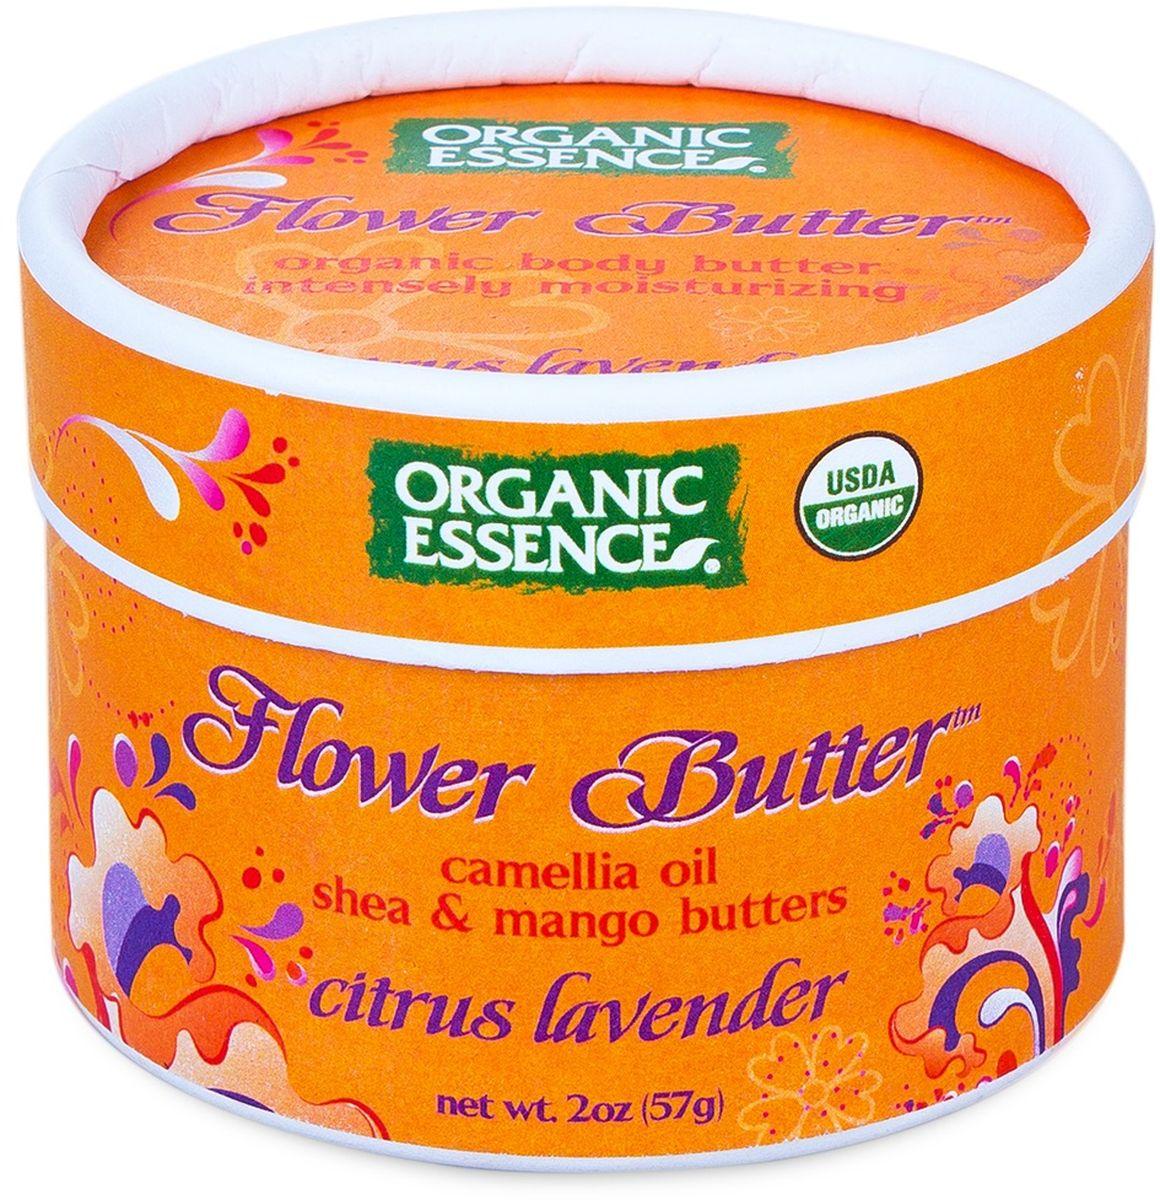 Organic Essence Органический цветочный крем Цитрус-Лаванда, 57 грFOCITДля ежедневного увлажнения. Питательные растительные масла в сочетании с мощными эфирными маслами содержат мощные антиоксиданты, витамины, минералы и незаменимые жирныекислоты, которые делают Органический цветочный крем очень полезным. Масло Манго для мягкости кожи, Масло Ши для увлажнения кожи. Сочетание Масел Камелии, Бабассу и Жожоба создают смесь богатую питательными веществами,полезную для ухода за кожей. Высокое содержание витаминов и питательных веществ удовлетворяют потребность кожи в эластичности, упругости и мягкости. Легко впитывается в кожу, смягчает и предотвращает сухость.